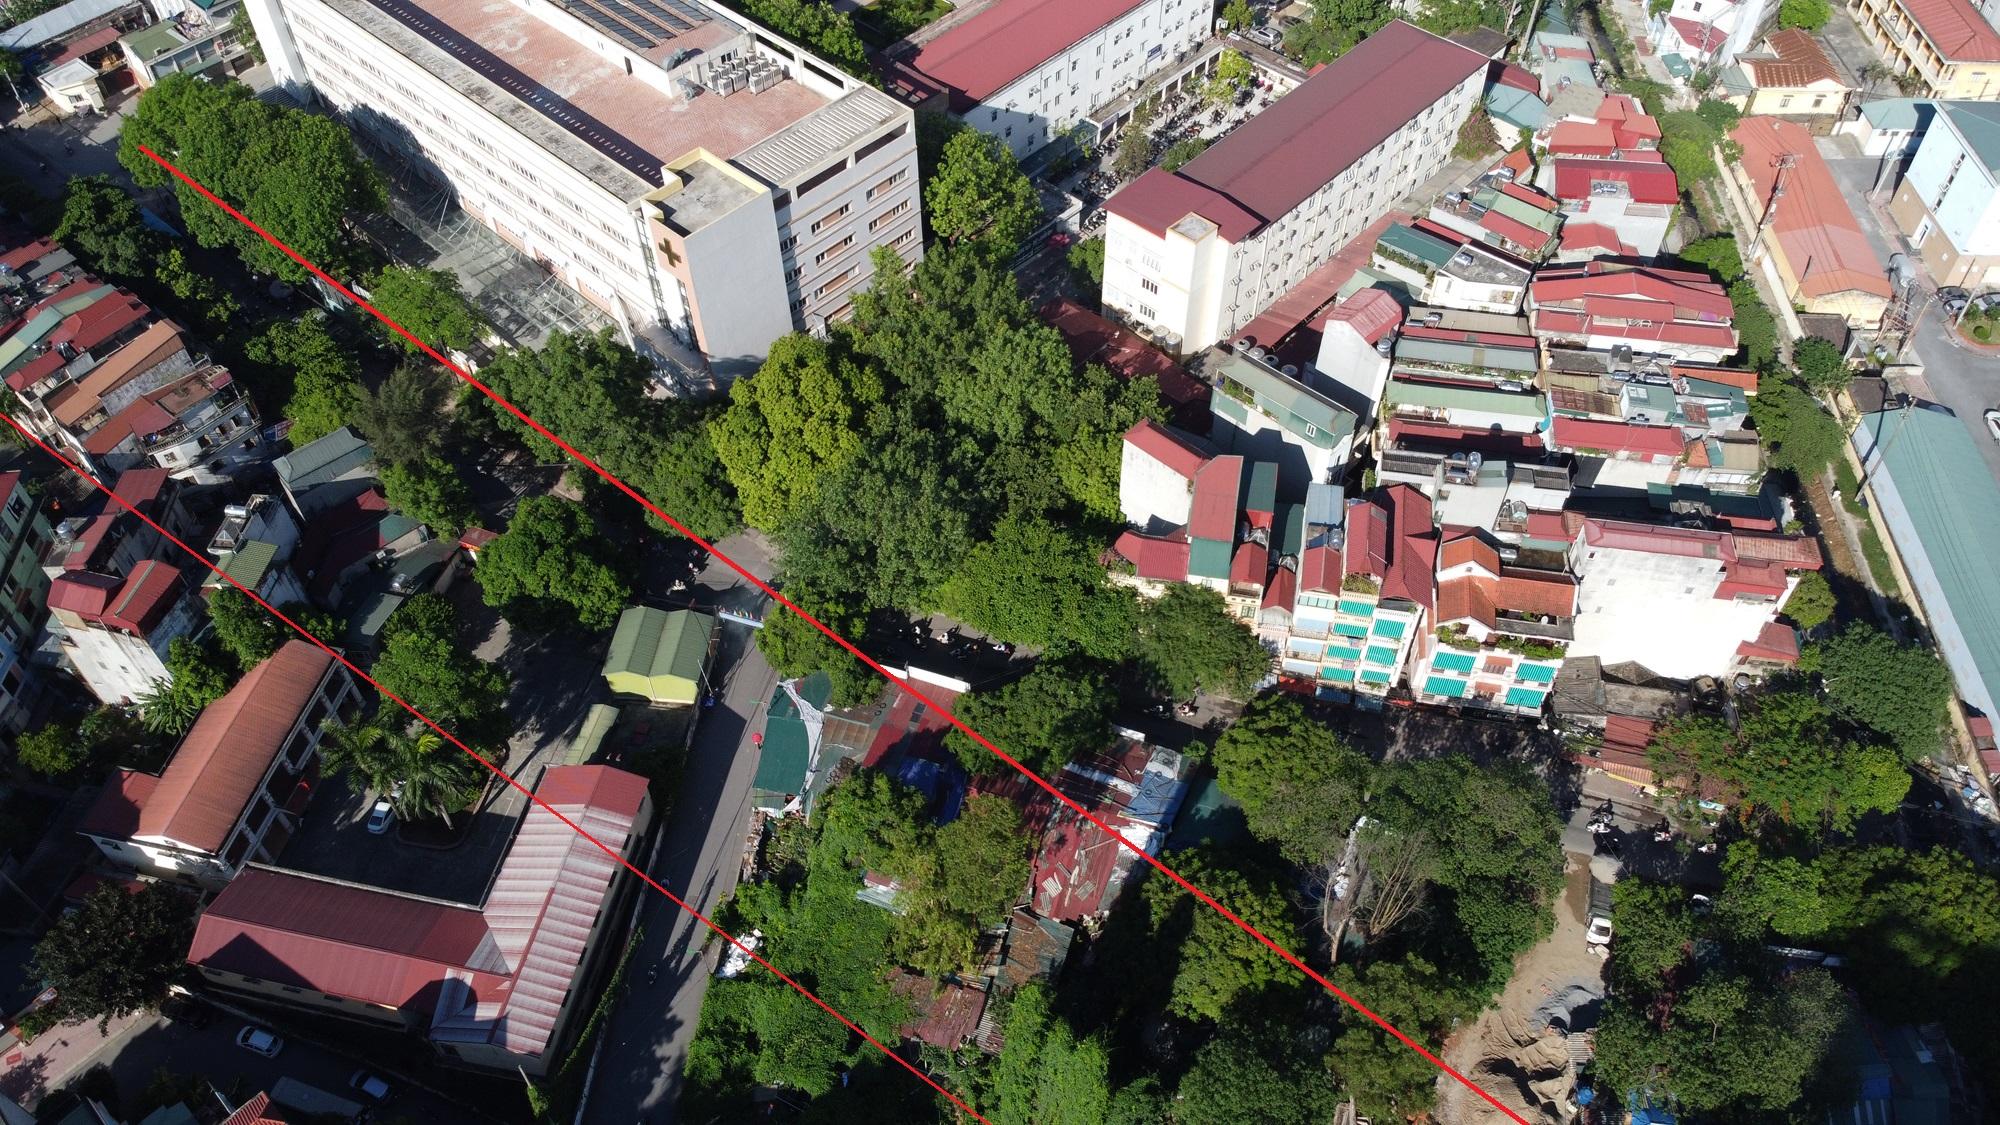 4 đường sẽ mở theo qui hoạch ở phường Cổ Nhuế 1, Bắc Từ Liêm, Hà Nội - Ảnh 8.